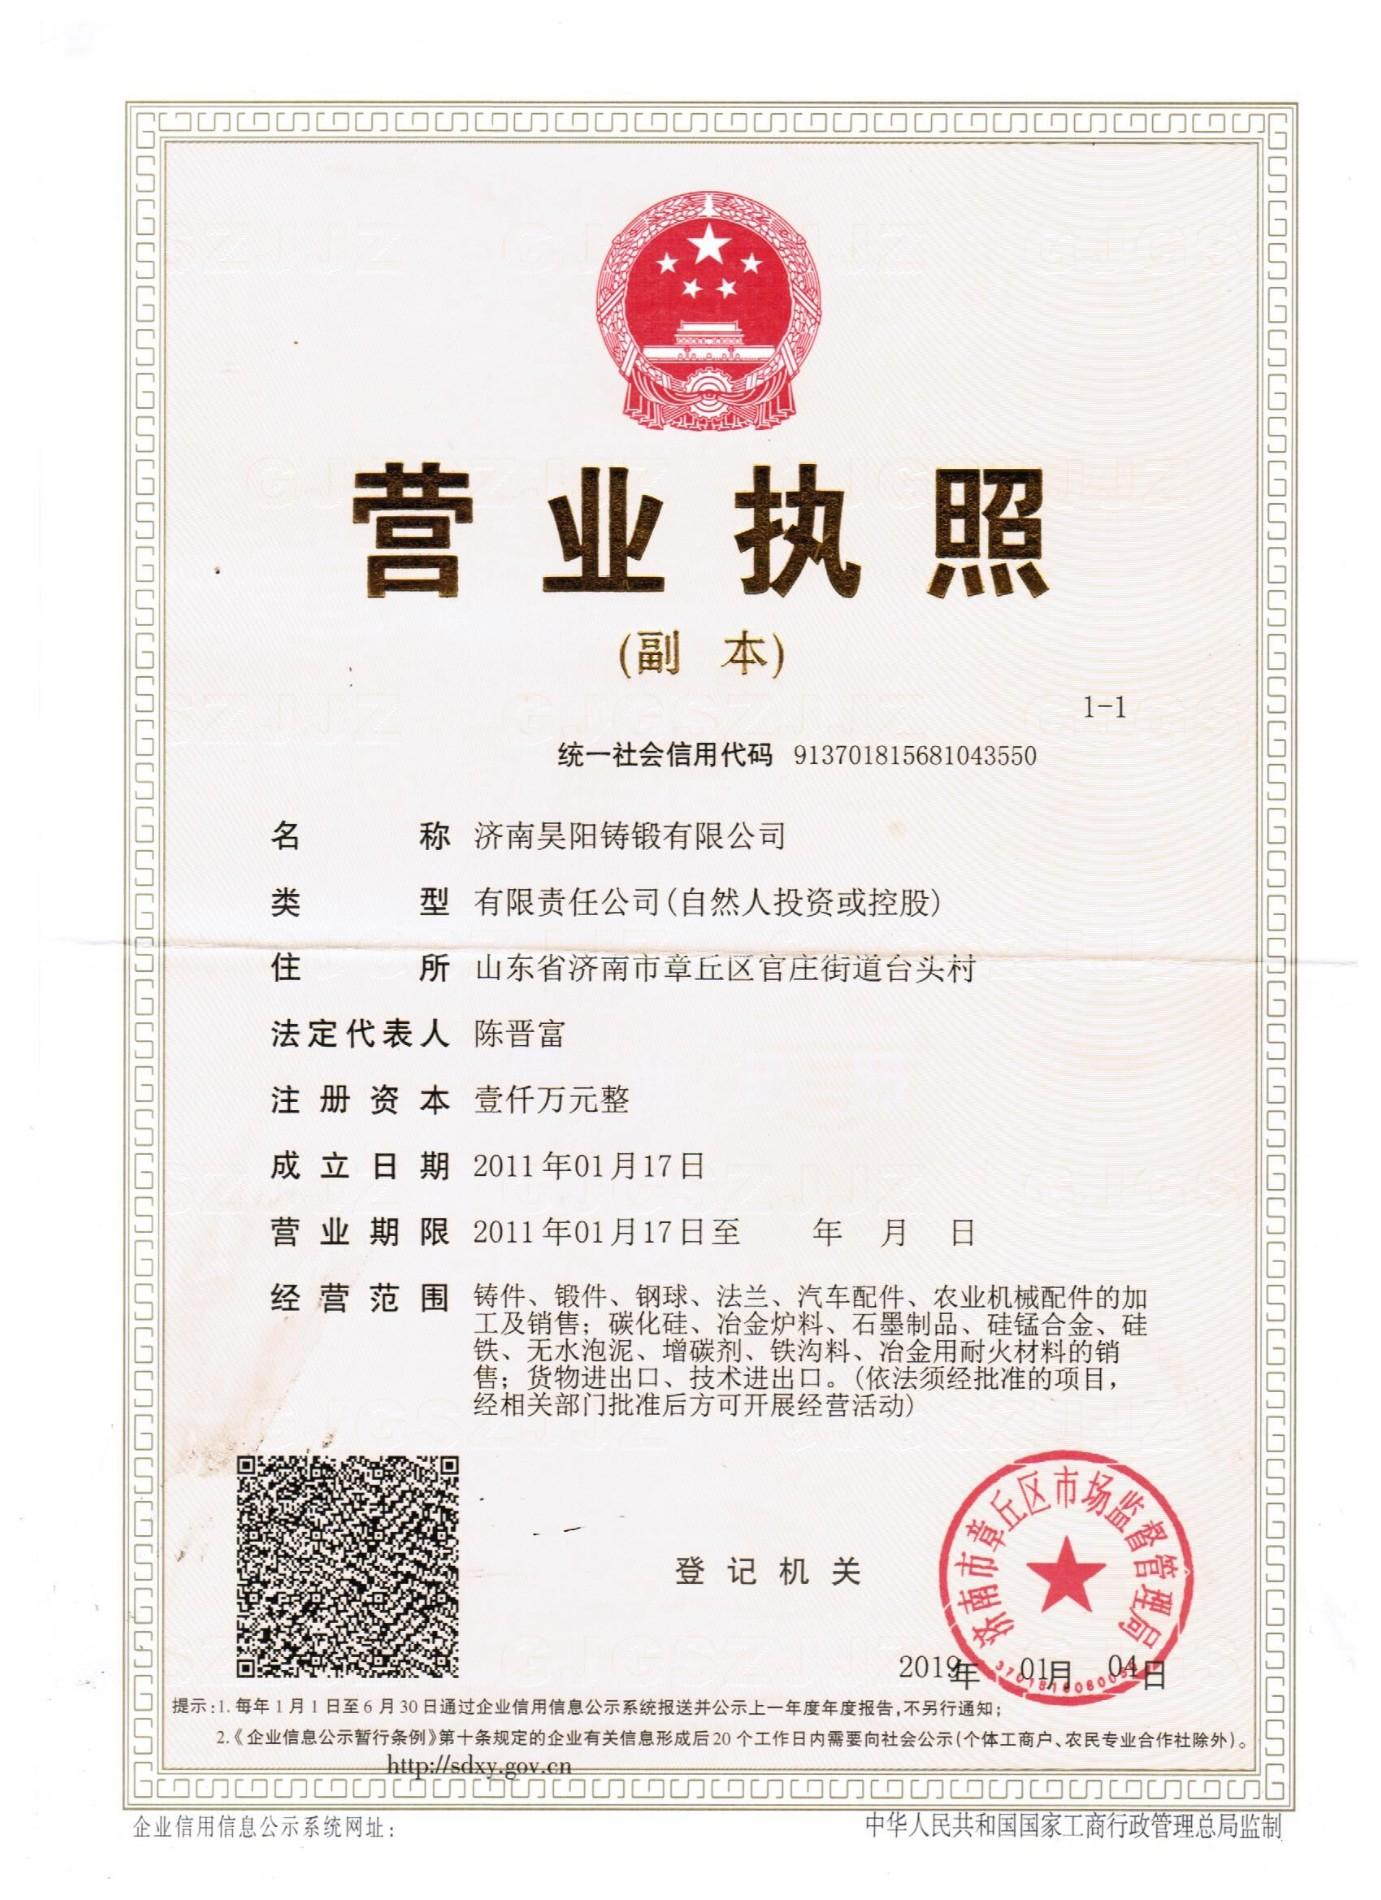 ビジネスライセンス